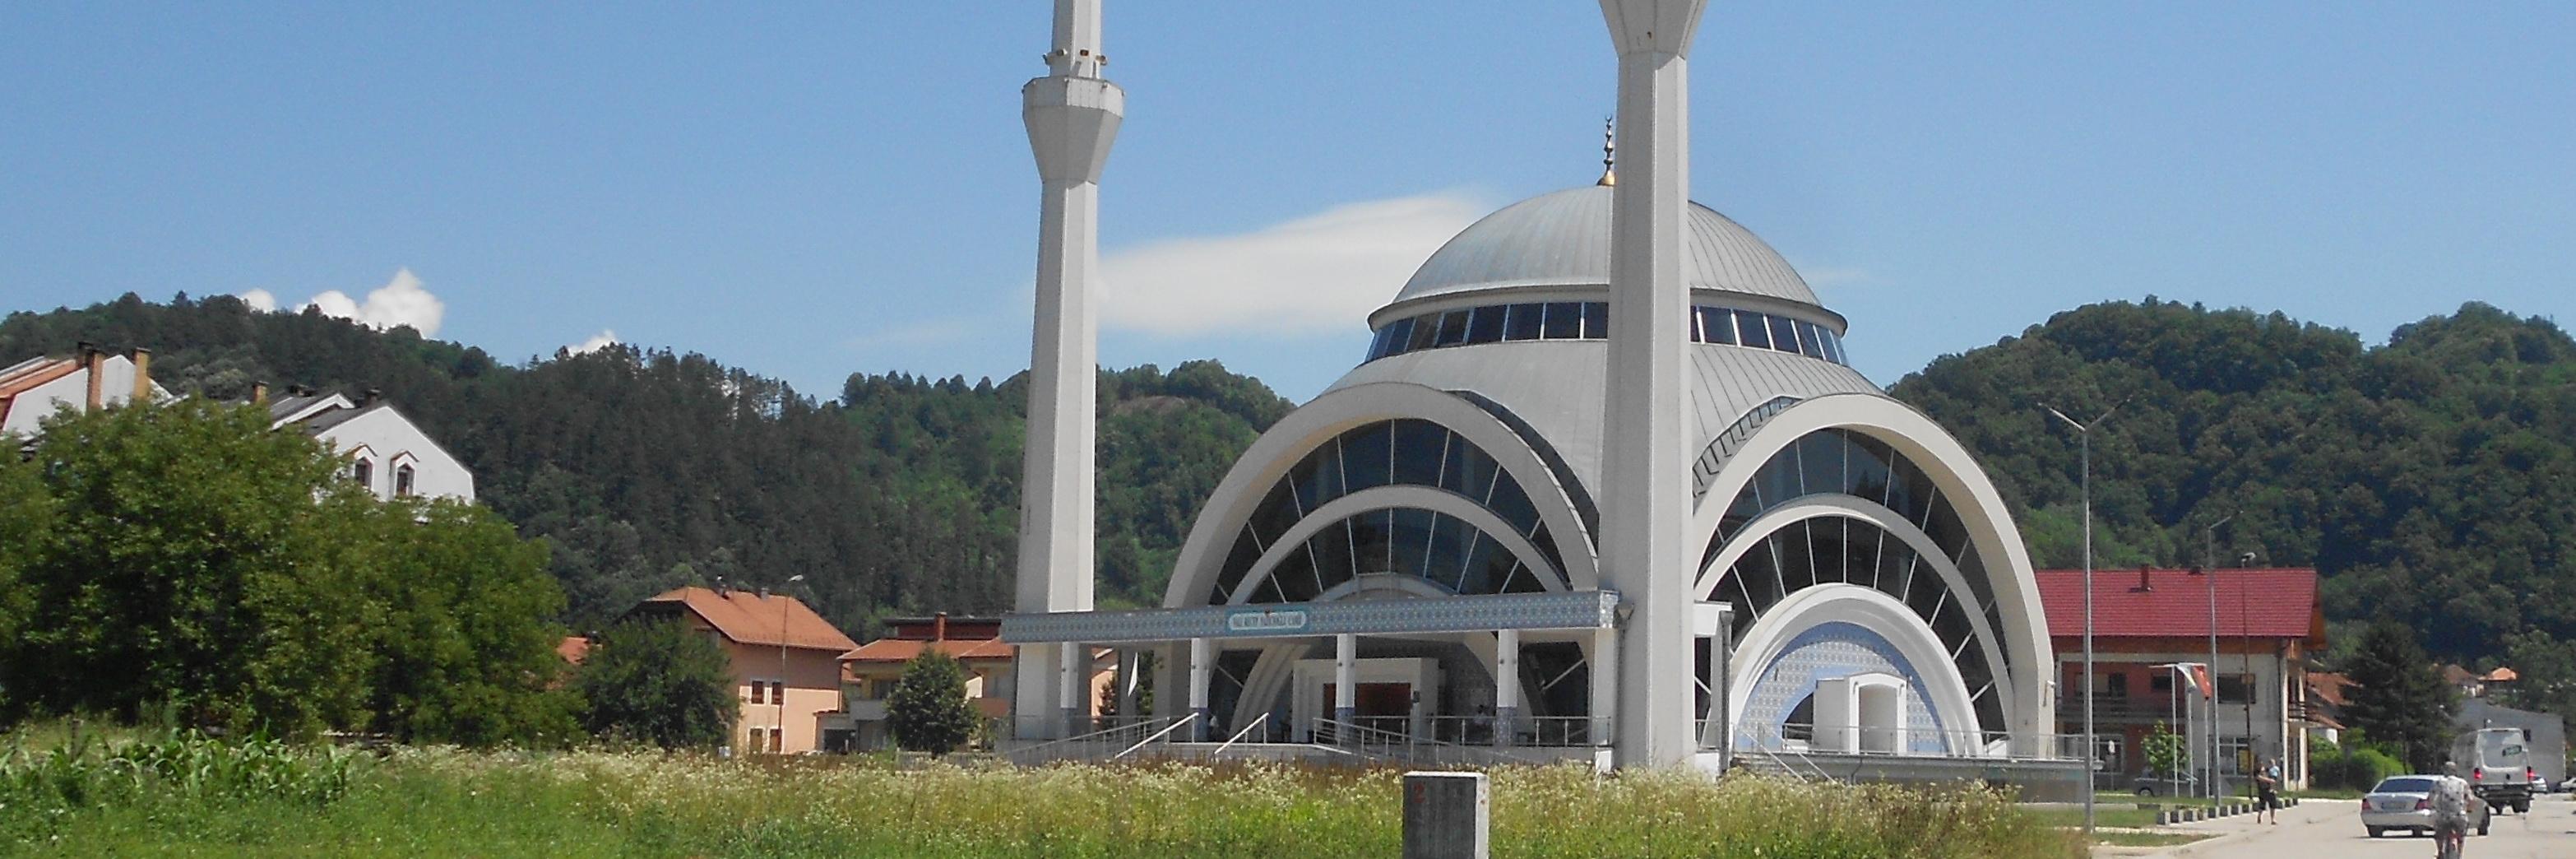 Новая городская мечеть в Маглае. Фото: Елена Арсениевич, CC BY-SA 3.0